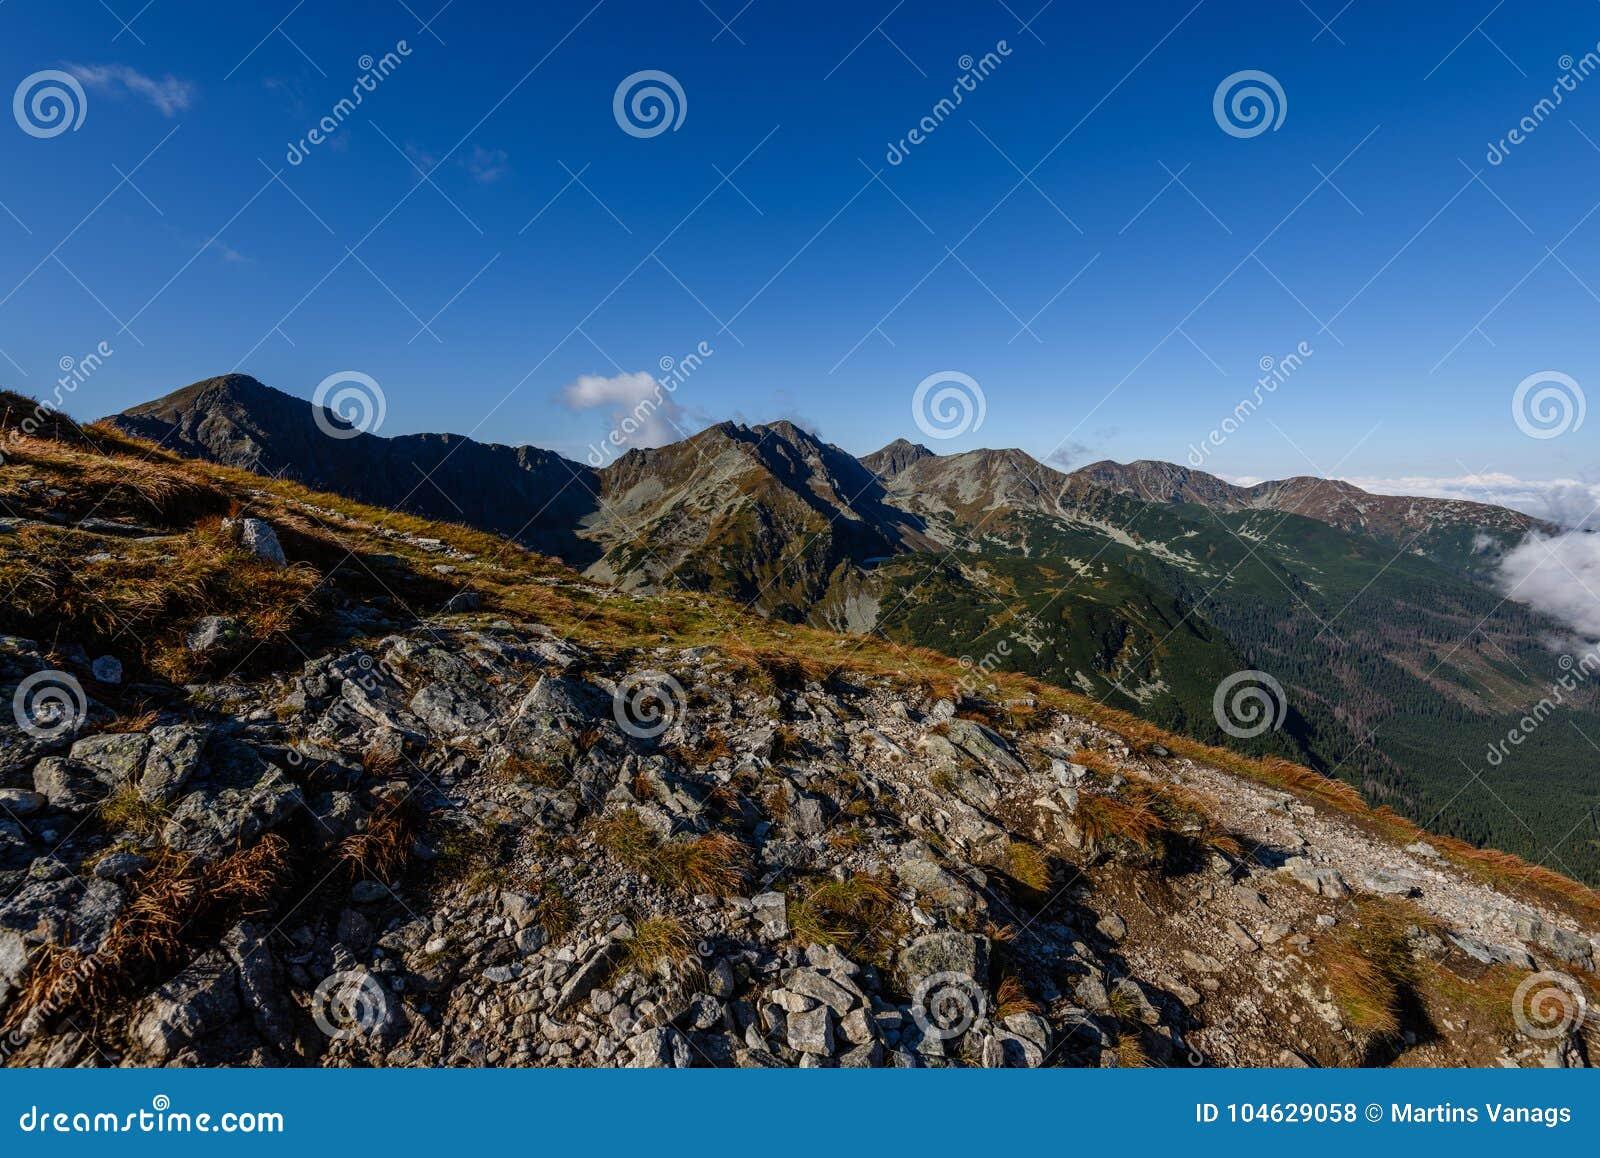 Download De Rotsachtige Mening Van Het Berg Piekgebied In Slowakije Stock Foto - Afbeelding bestaande uit nave, installatie: 104629058